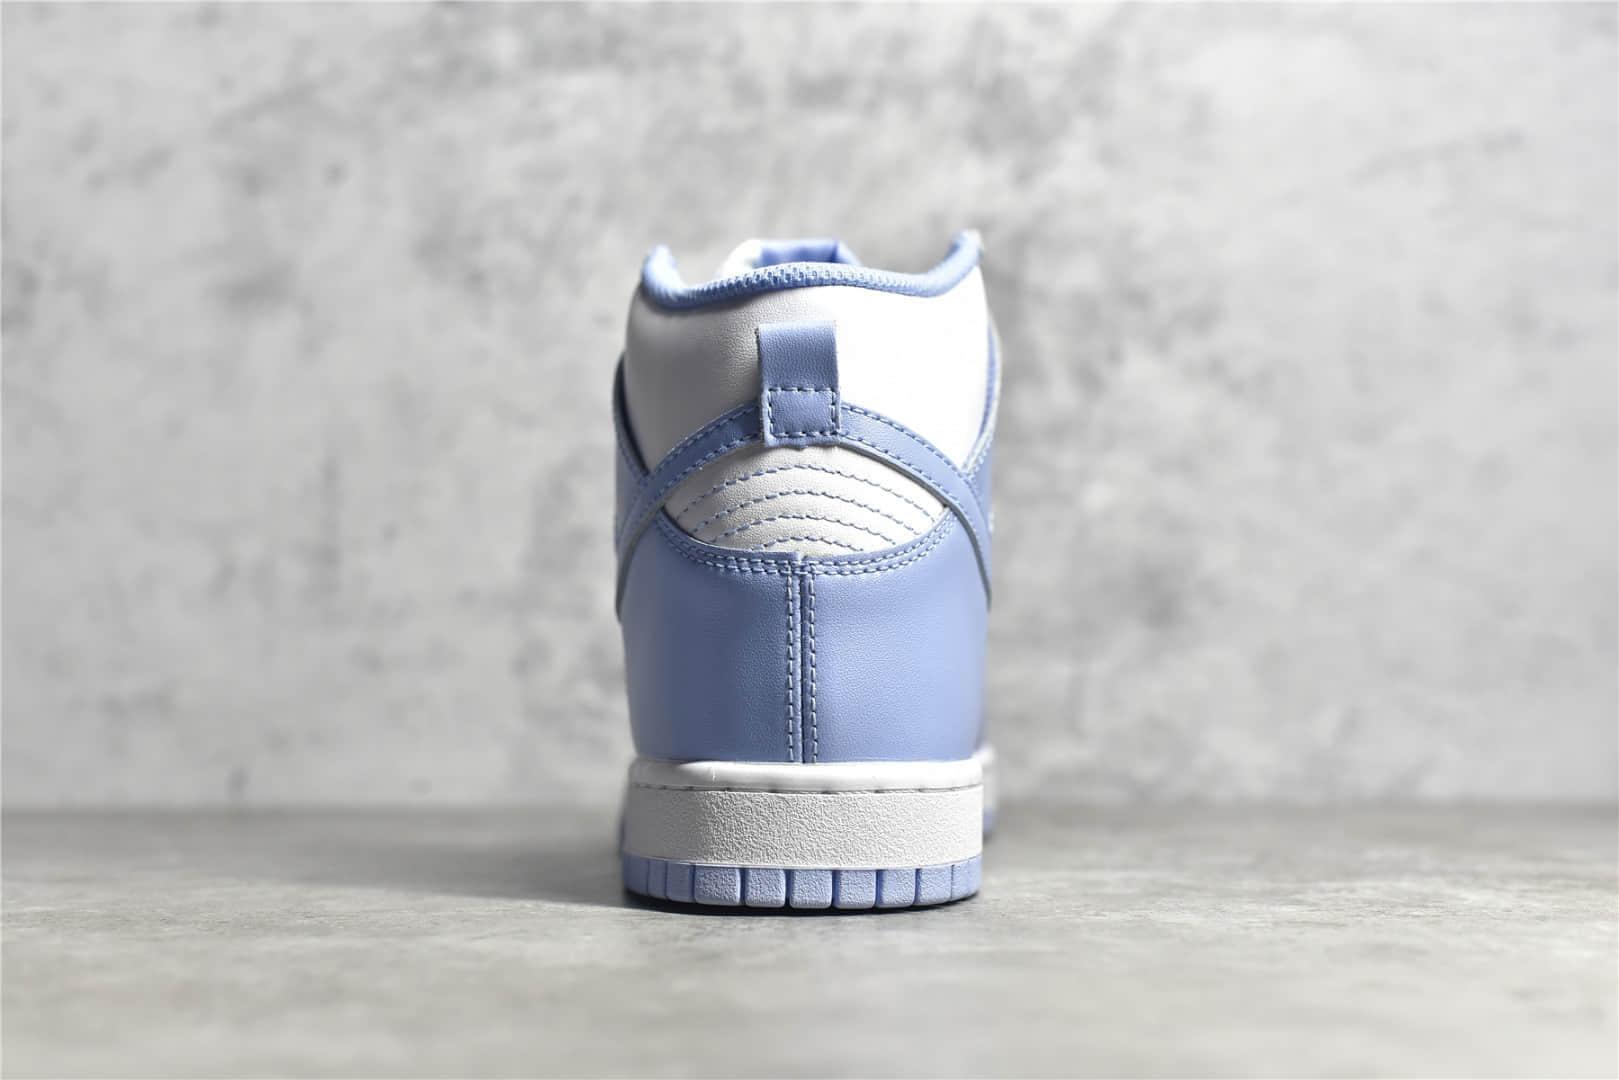 """耐克SB Dunk白蓝高帮 Nike SB Dunk High """"Crimson Tint"""" 原厂耐克Dunk高帮板鞋 货号:DD1869-104-潮流者之家"""